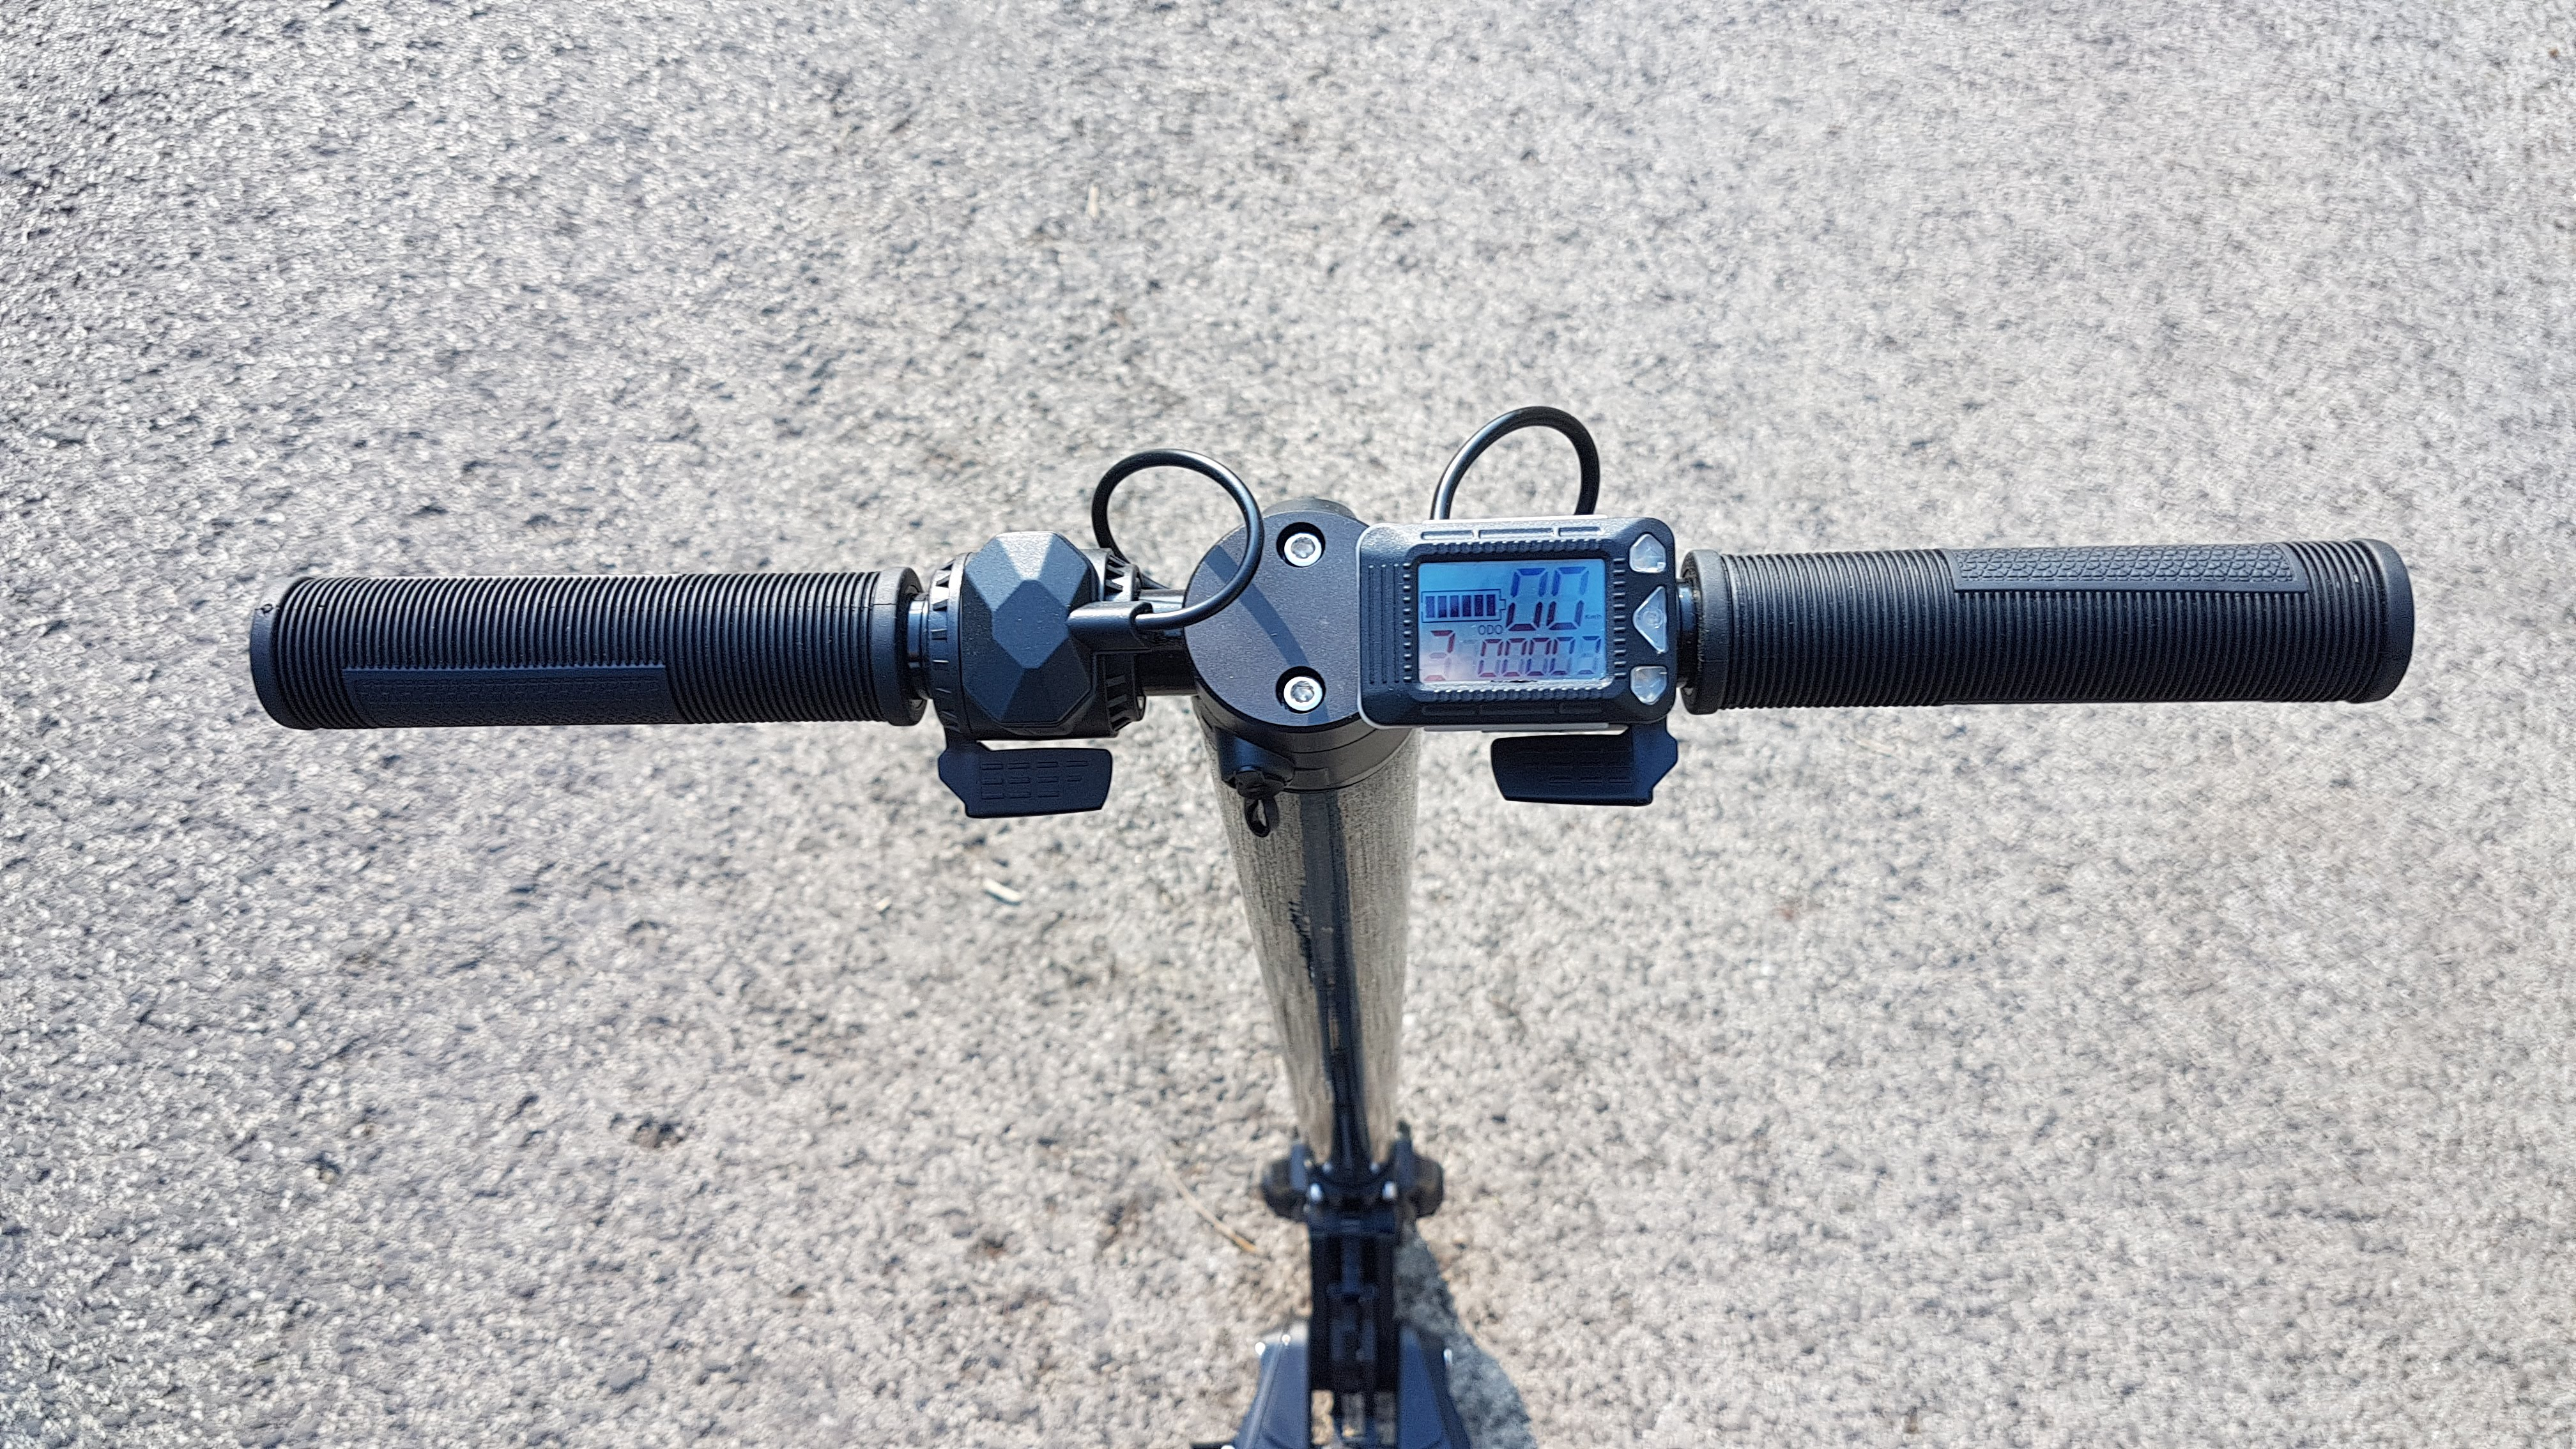 carbon-fiber-a-hordozhato-elektromos-roller-teszt-osszecsukhato-6600mAh-akkumulator-akksi-5.5-colos-kerek-04